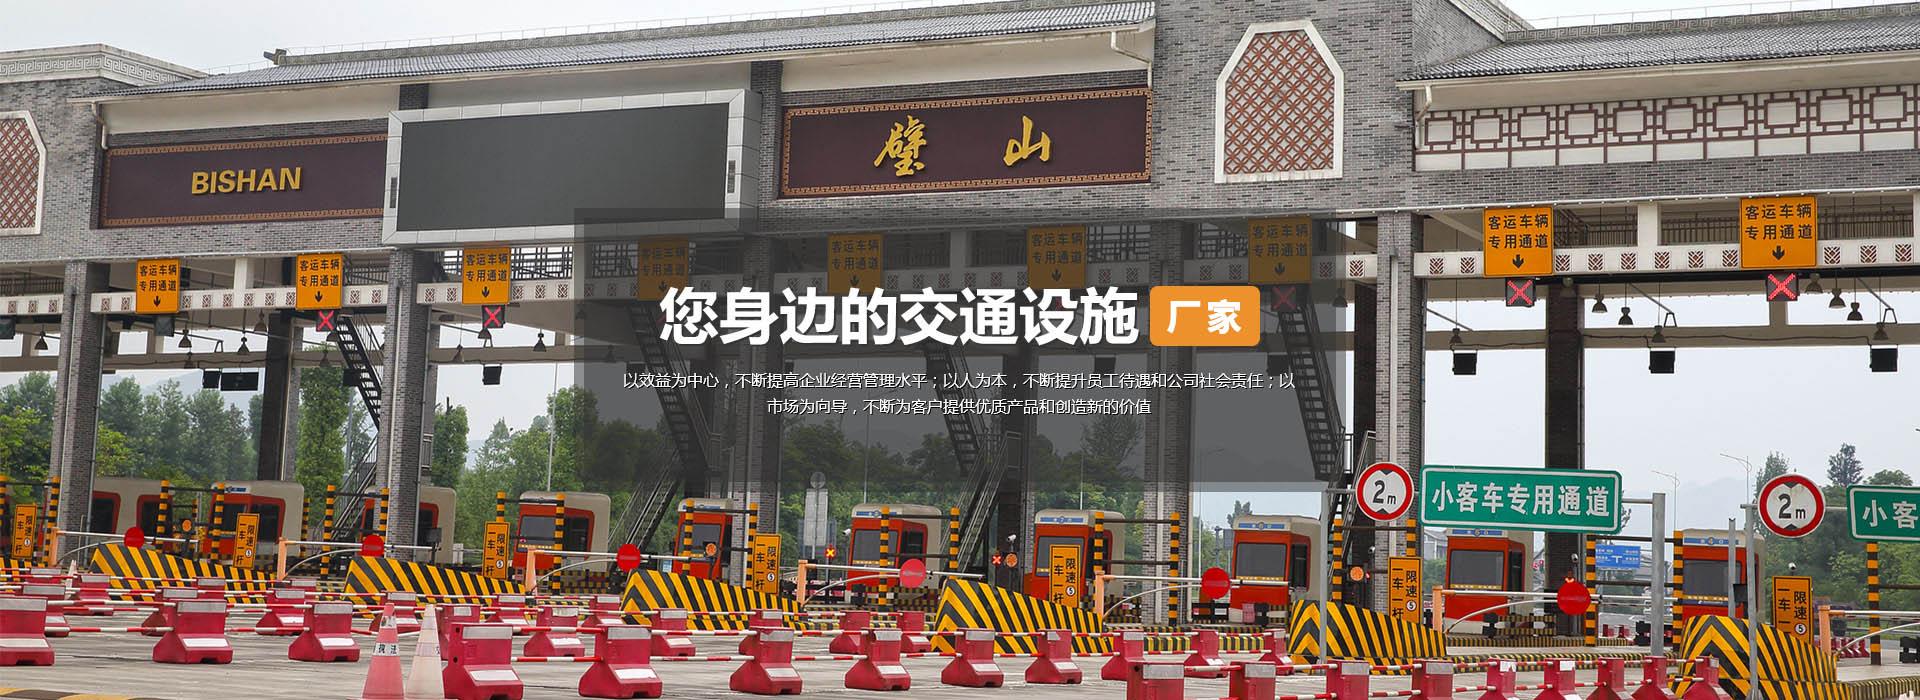 重庆交通标识牌